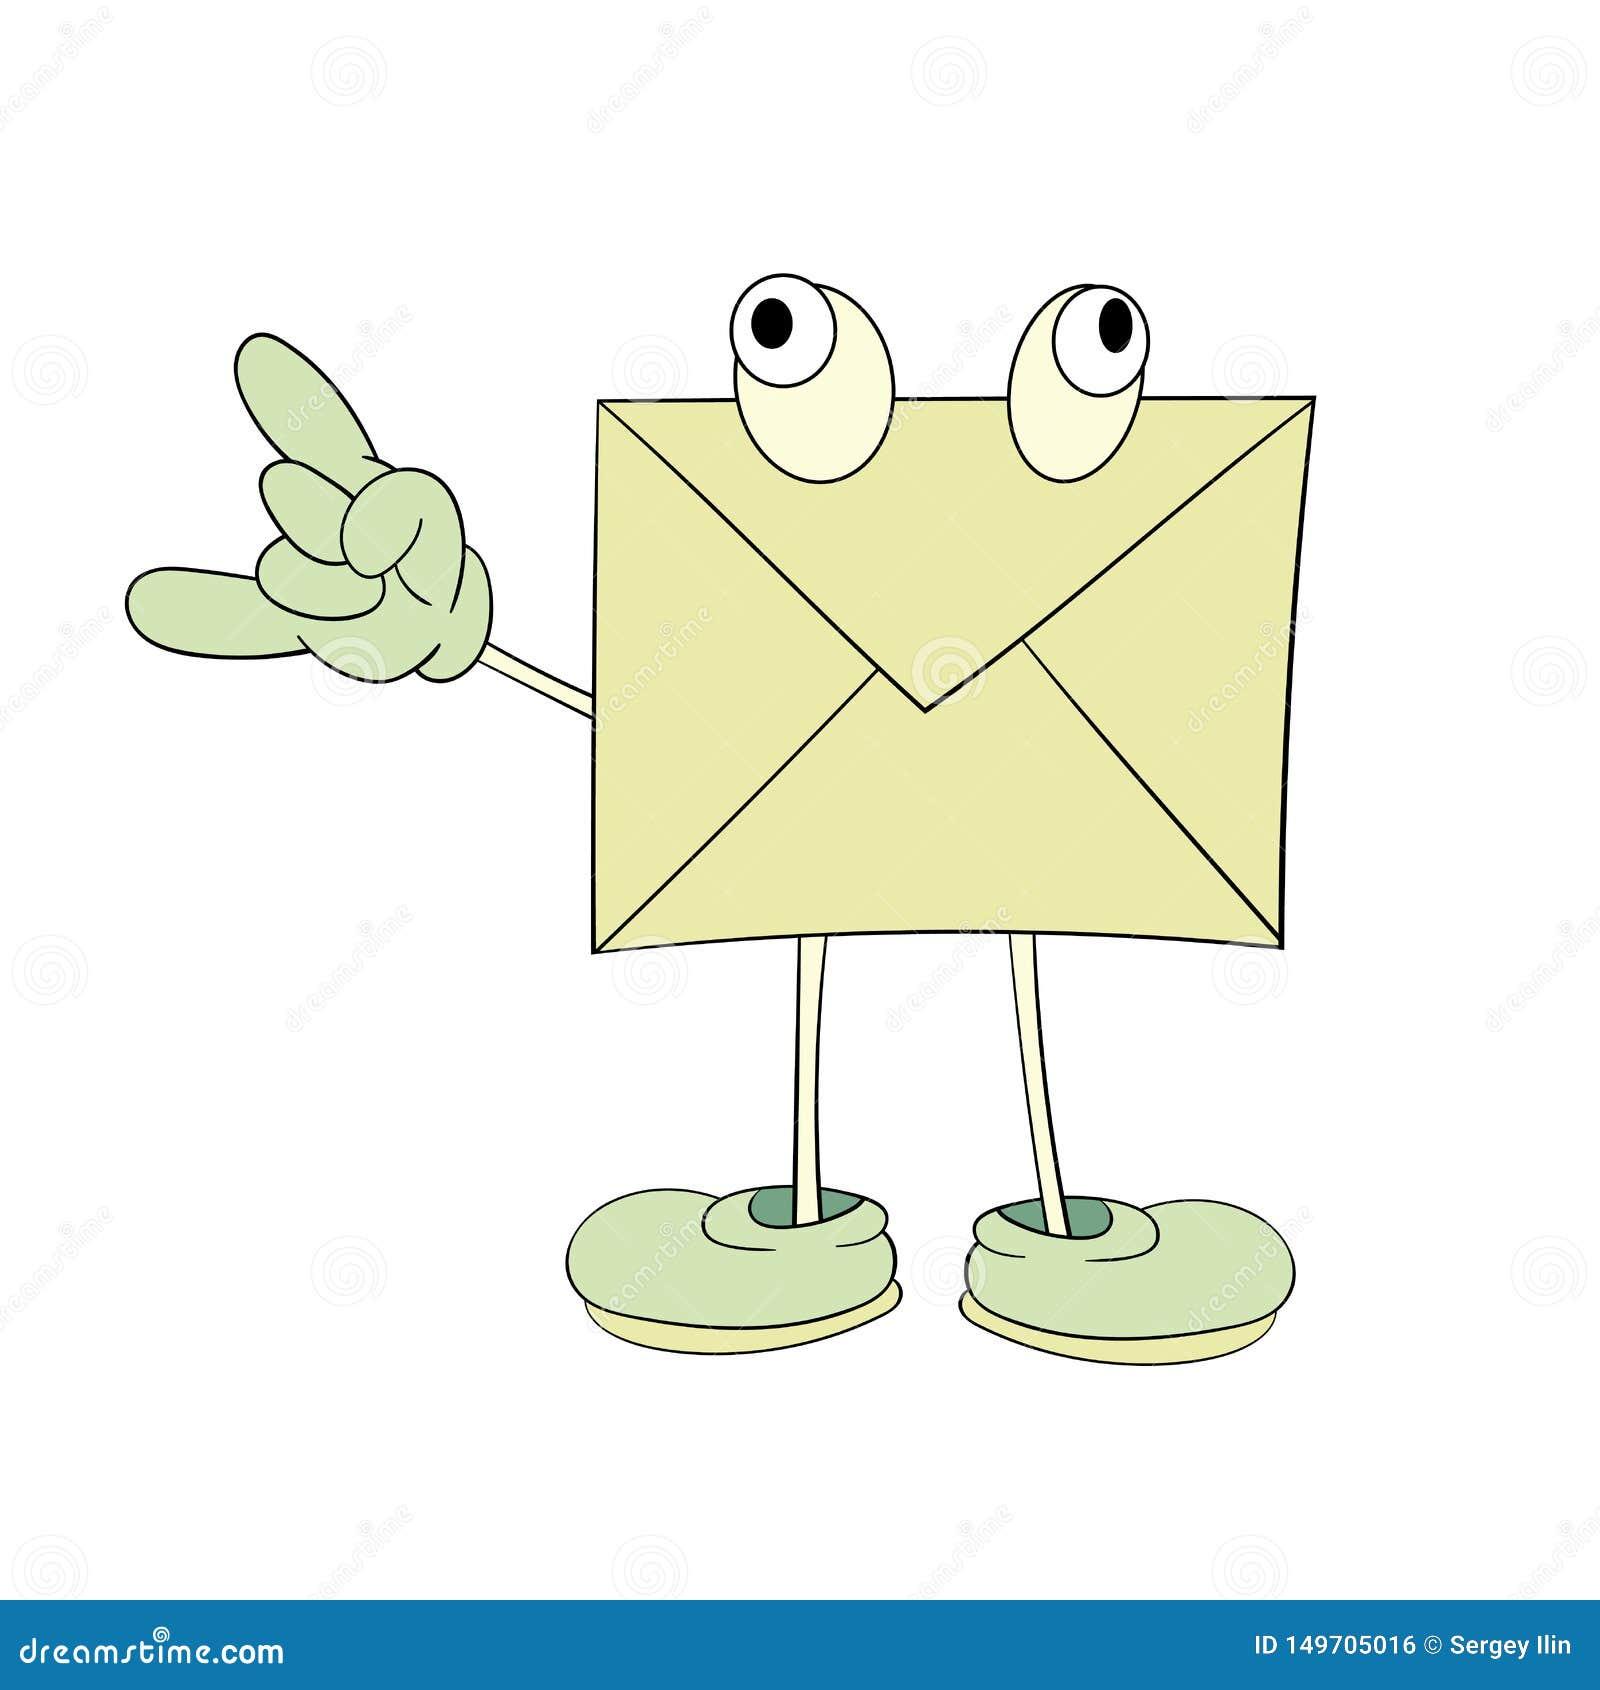 Une lettre jaune avec des yeux montre une émotion positive, un dessin de bande dessinée, une icône, une caricature